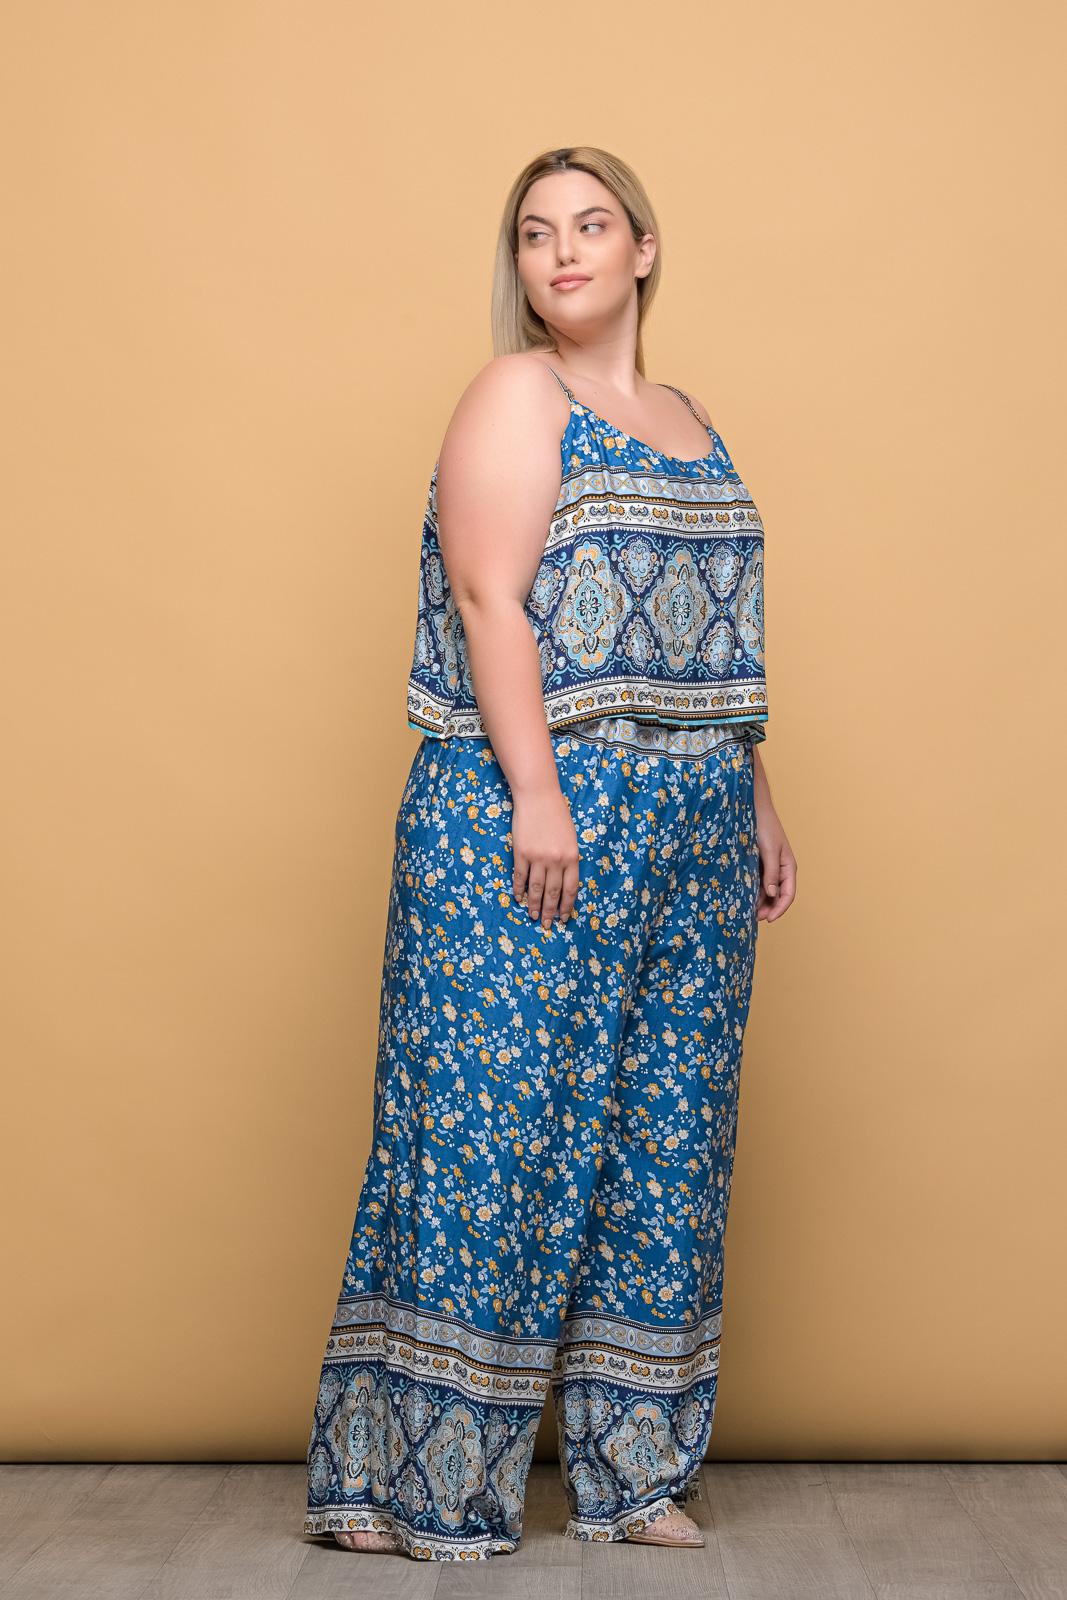 Ολόσωμη φόρμα floral/μπλε με φραμπαλά και τιράντες